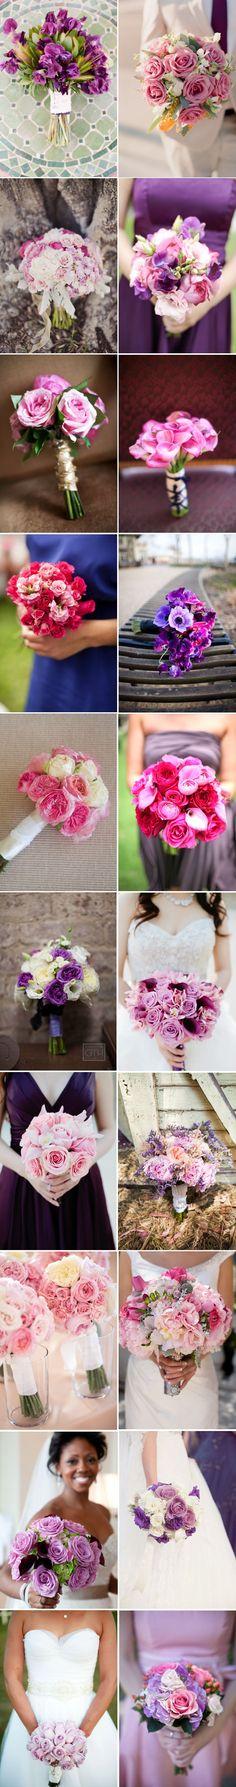 Vários em tons de rosa e lilás